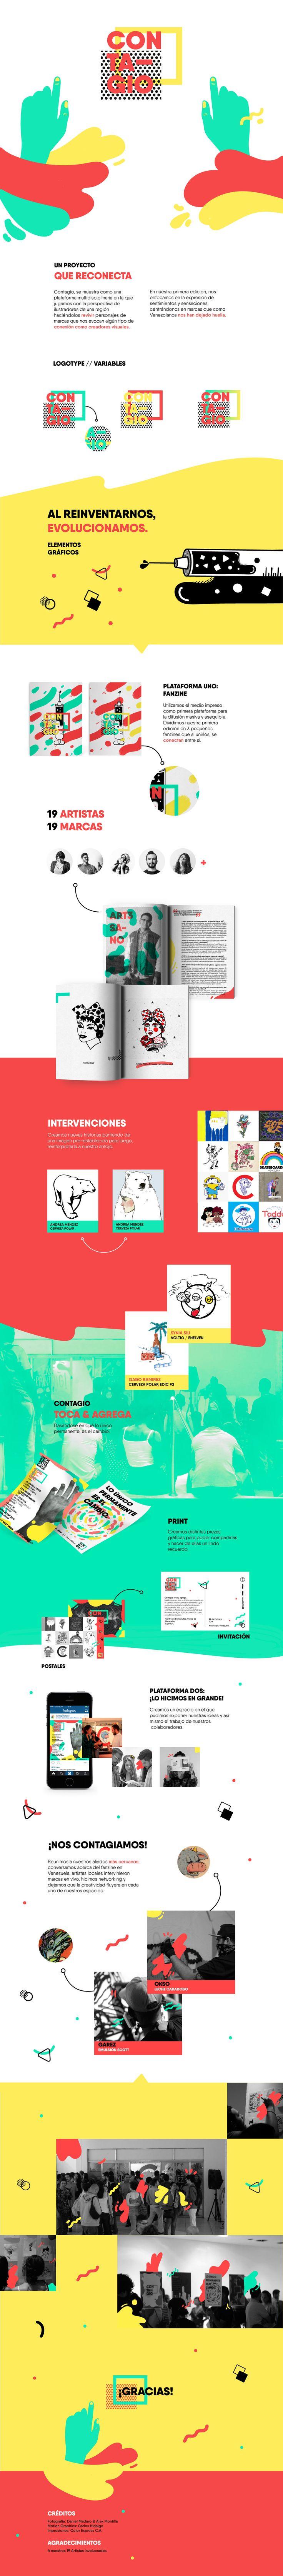 Contagio, se muestra como una plataforma multidisciplinaria en la que jugamos con la perspectiva de ilustradores de una región haciendolos revivir personajes de marcas que nos evocan algun tipo de conexión como creadores visuales.